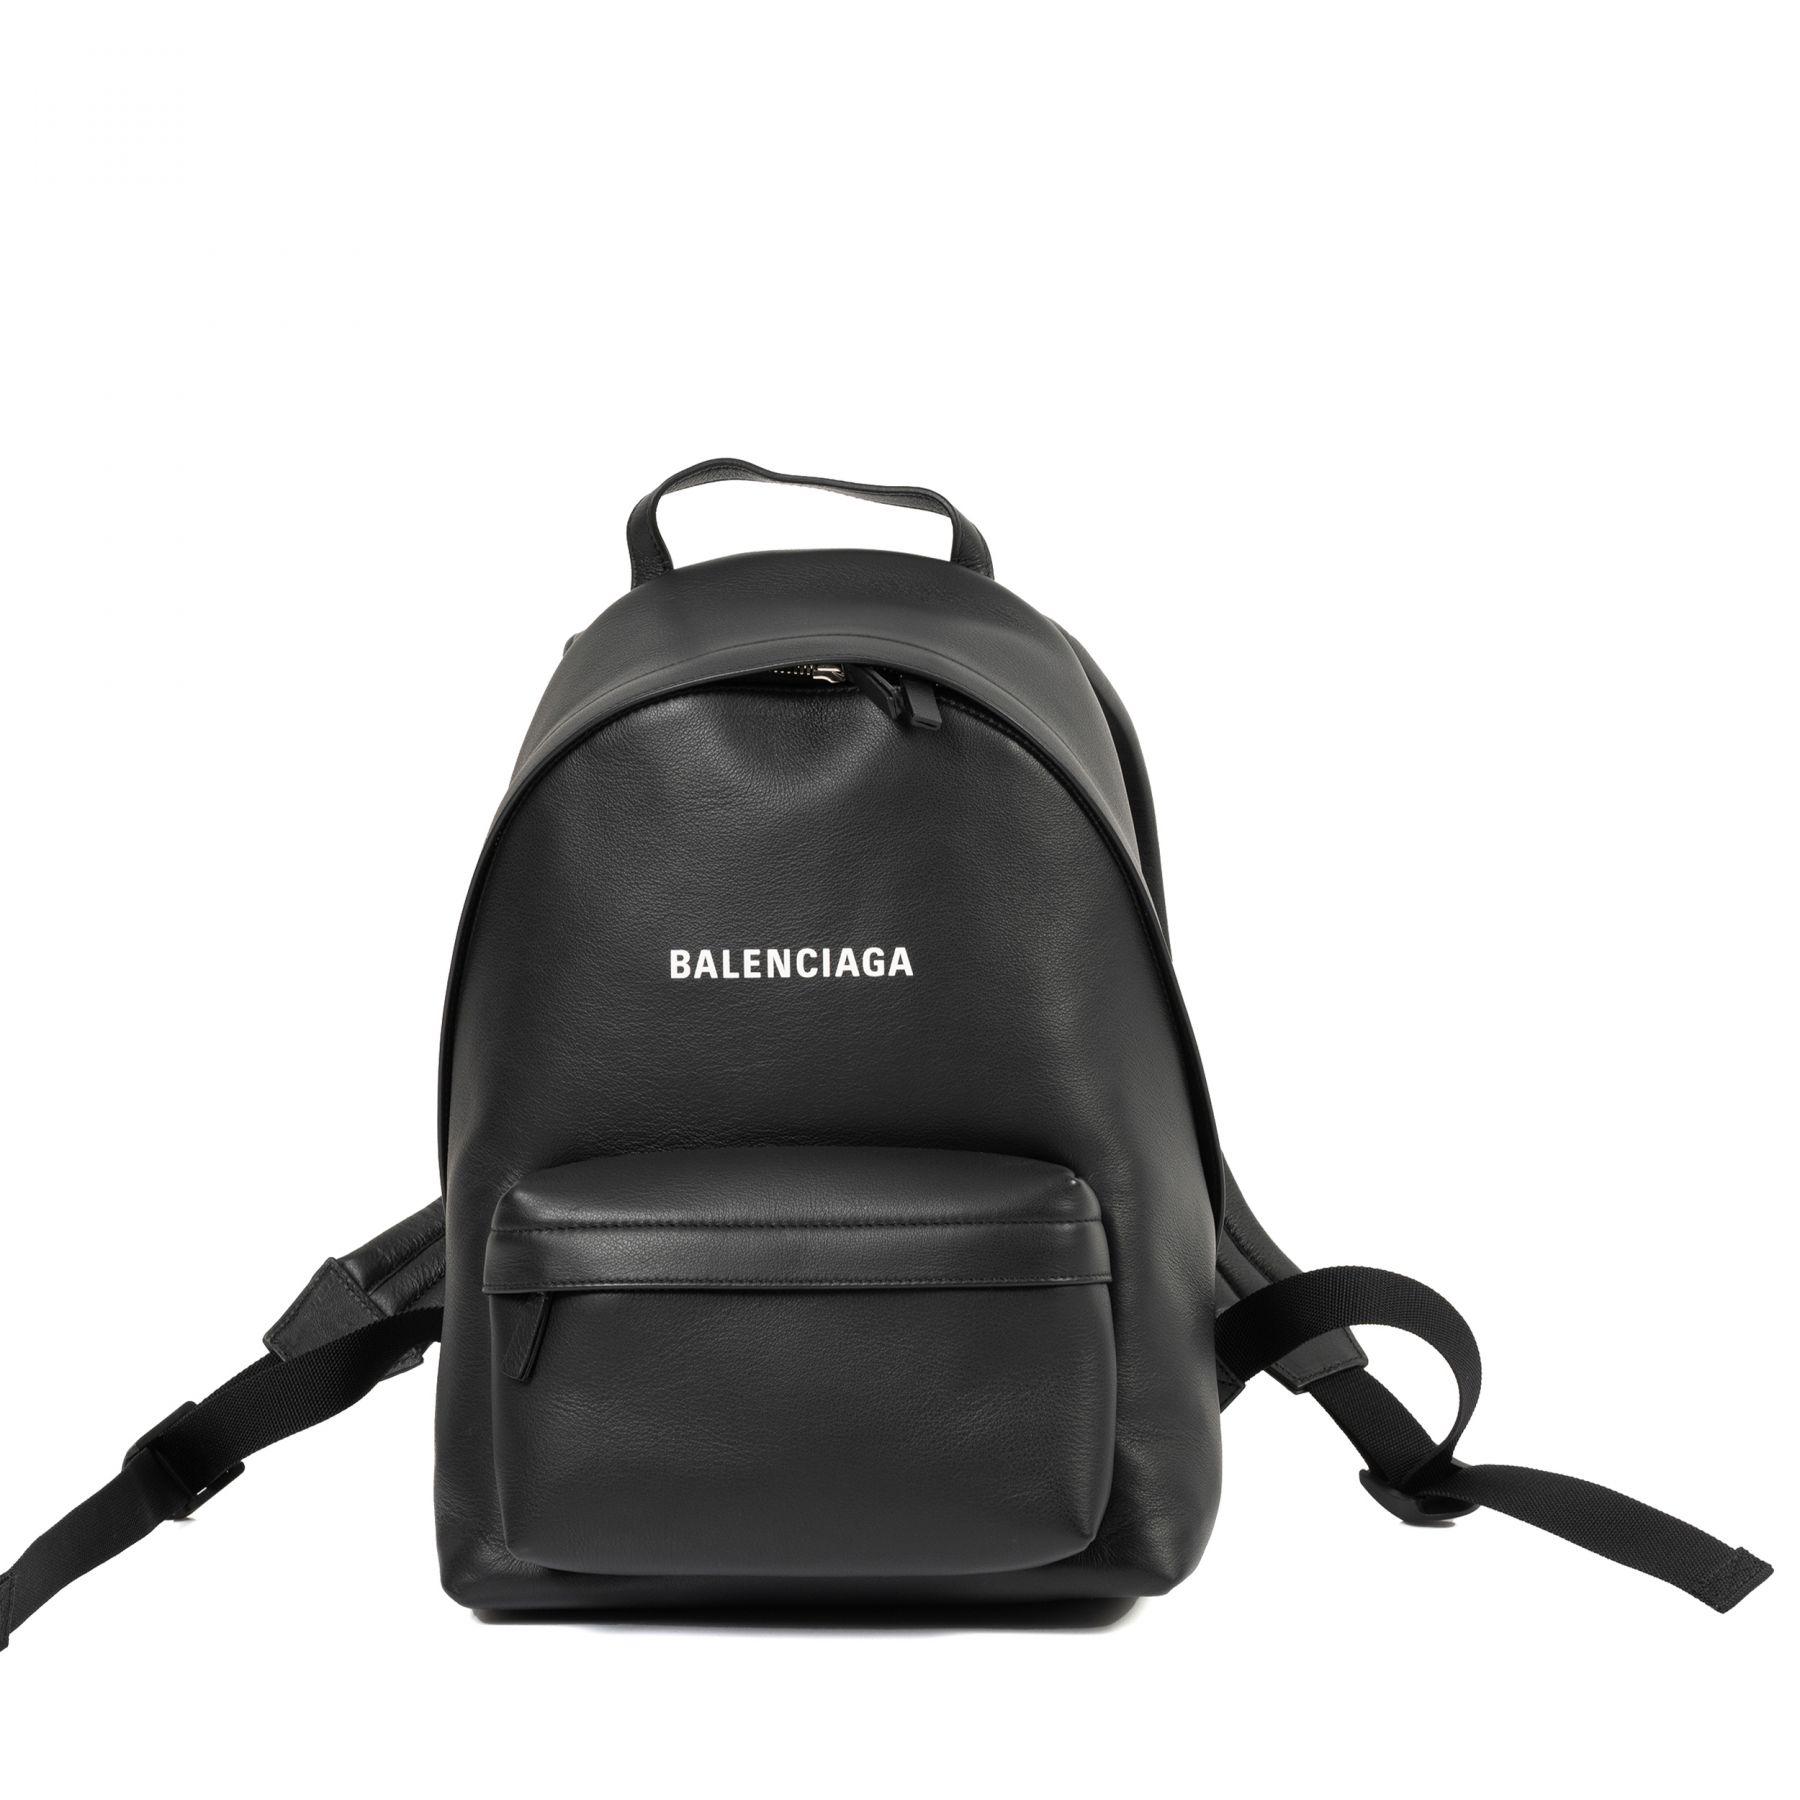 Рюкзак Balenciaga Everyday Small черный